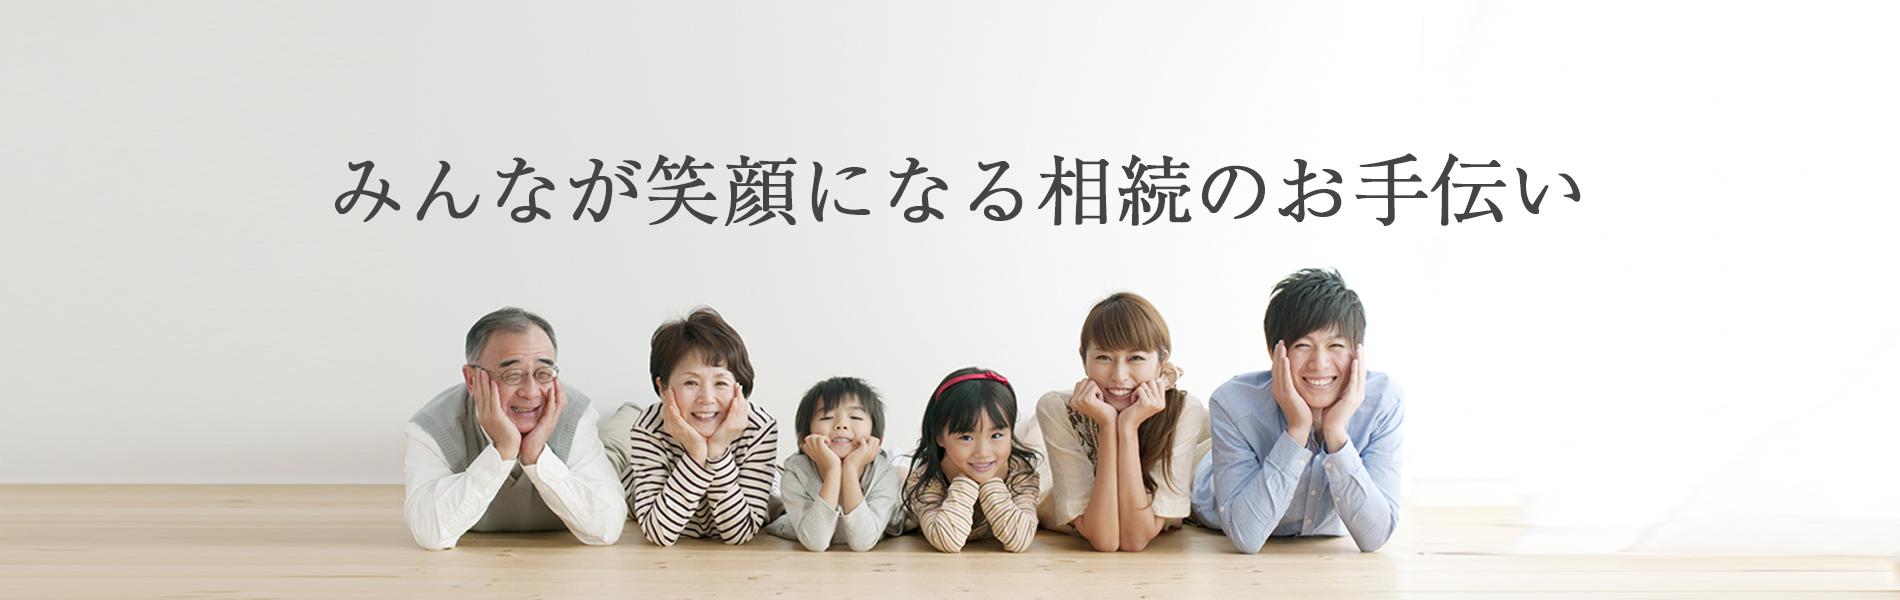 みんなが笑顔になるお手伝い 奈良での相続税申告には相続に強い税理士におまかせください